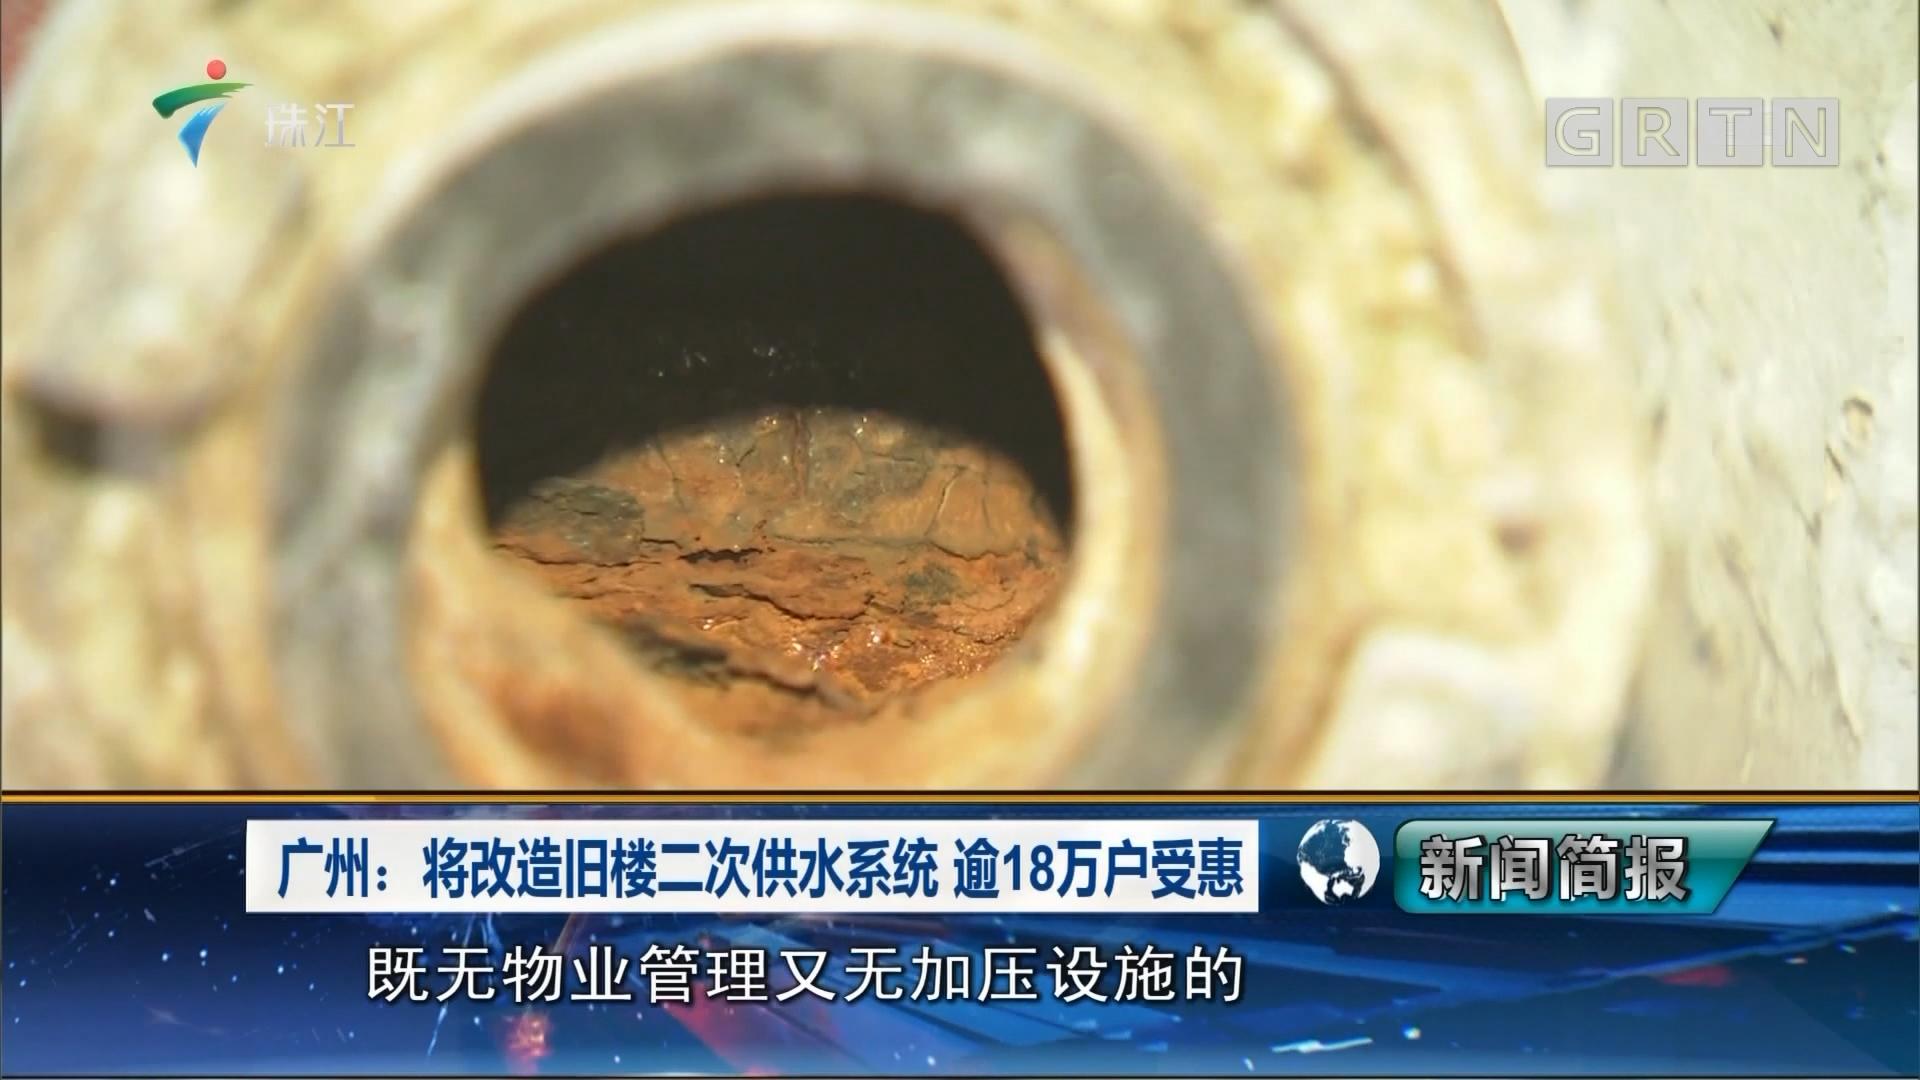 广州:将改造旧楼二次供水系统 逾18万户受惠